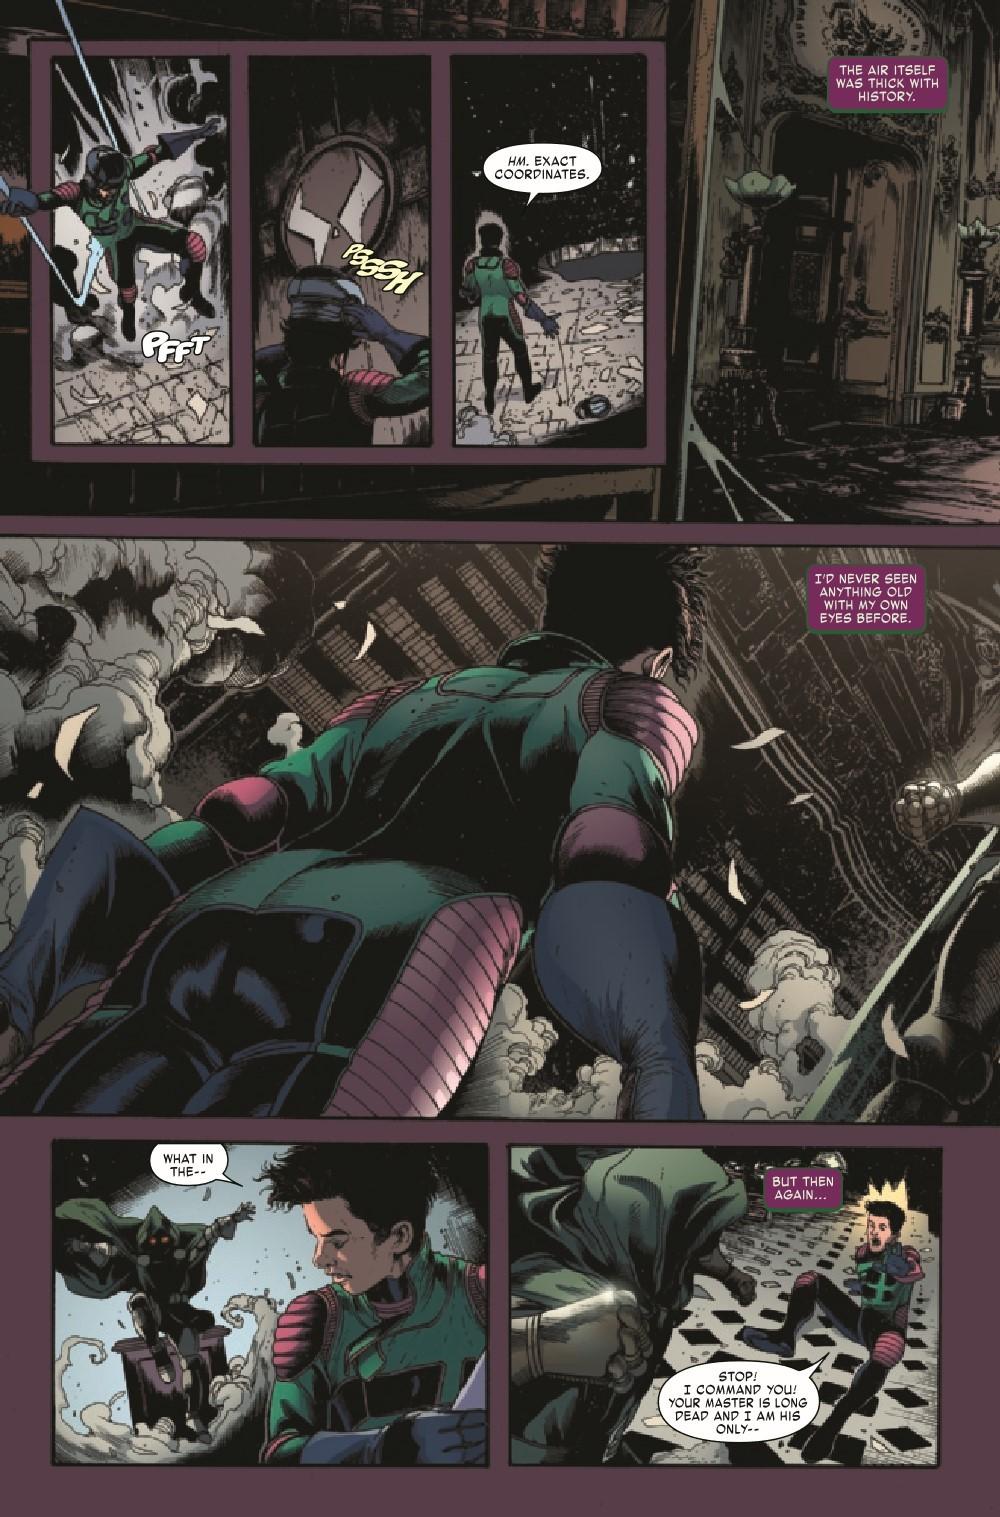 KANGCONQUEROR2021001_Preview-6 ComicList Previews: KANG THE CONQUEROR #1 (OF 5)